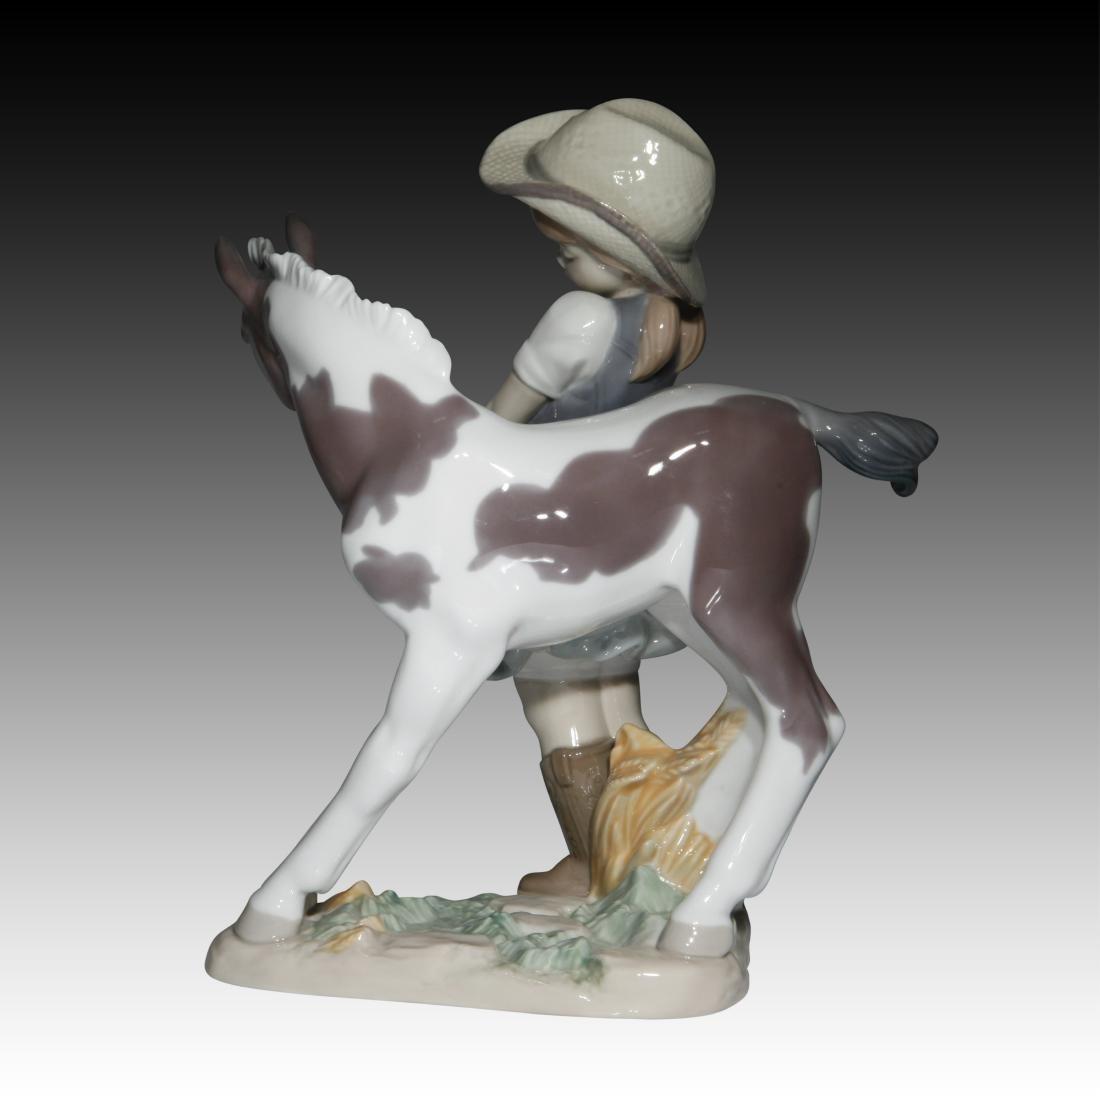 """Lladro """"Cowgirl"""" Figurine 01008636 - 2"""